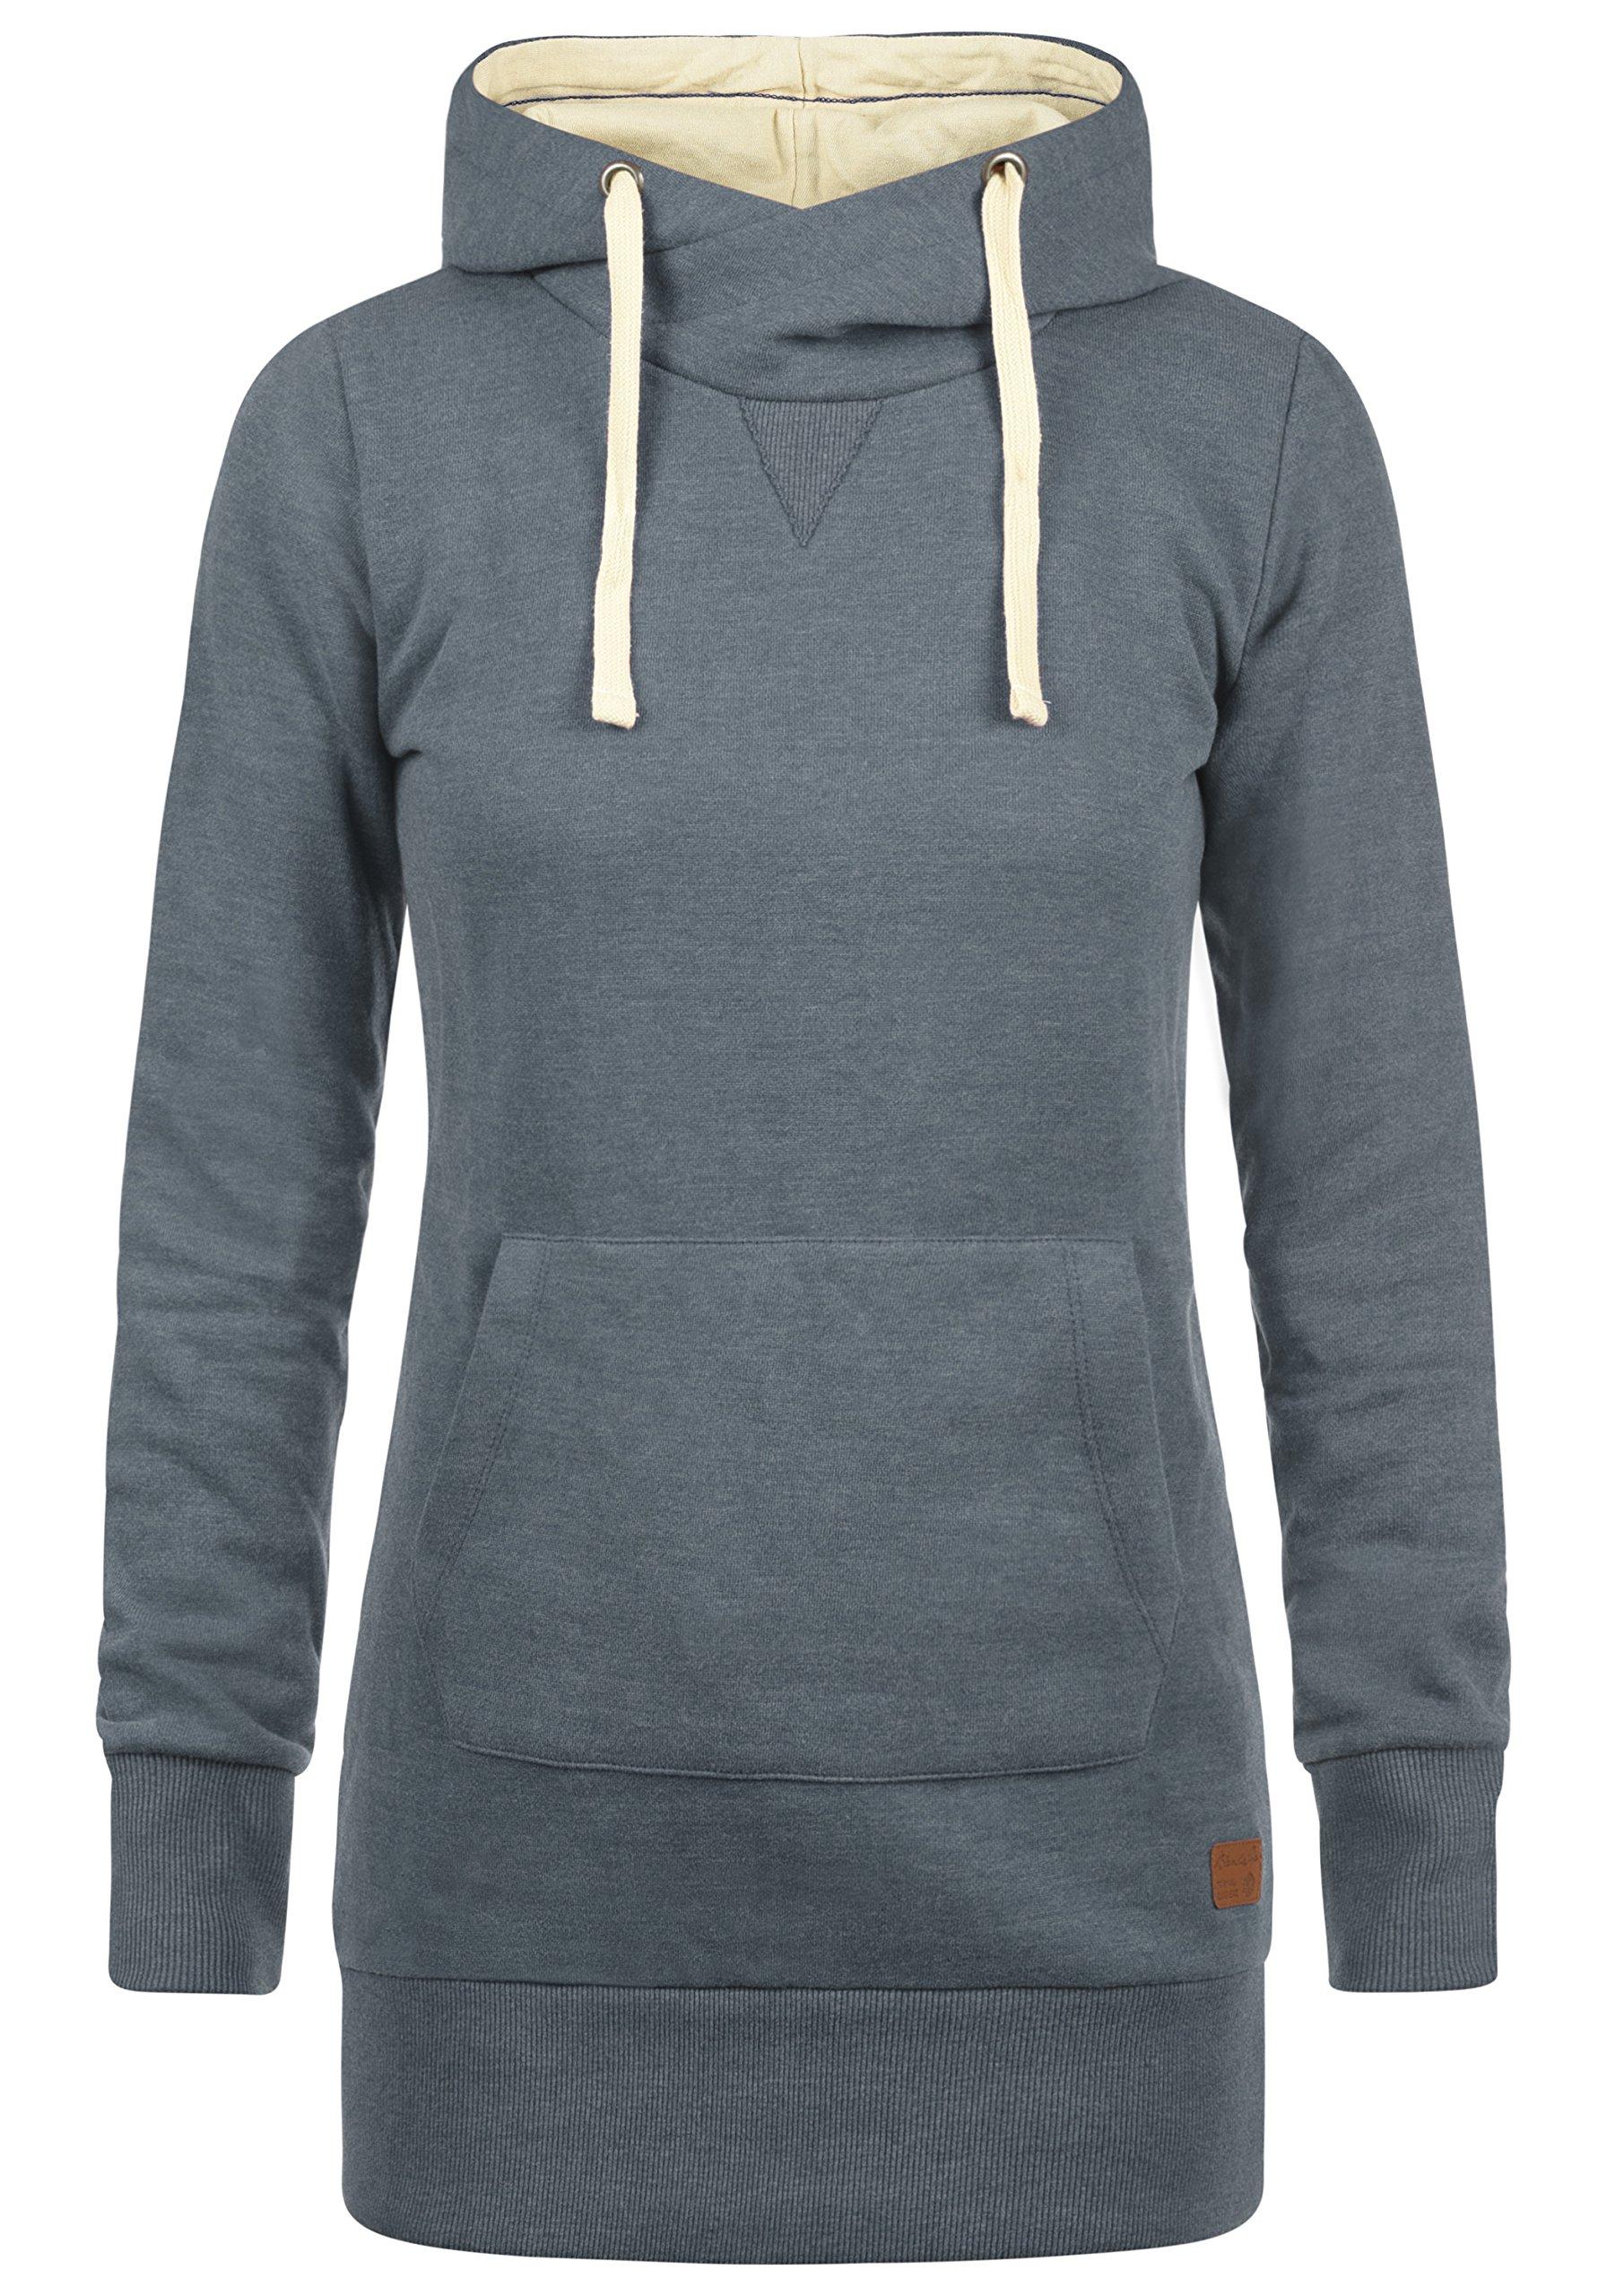 Adidas hoodie perfekte passform leichter fleck auf ärmel Innenseite(lässt sich waschen)